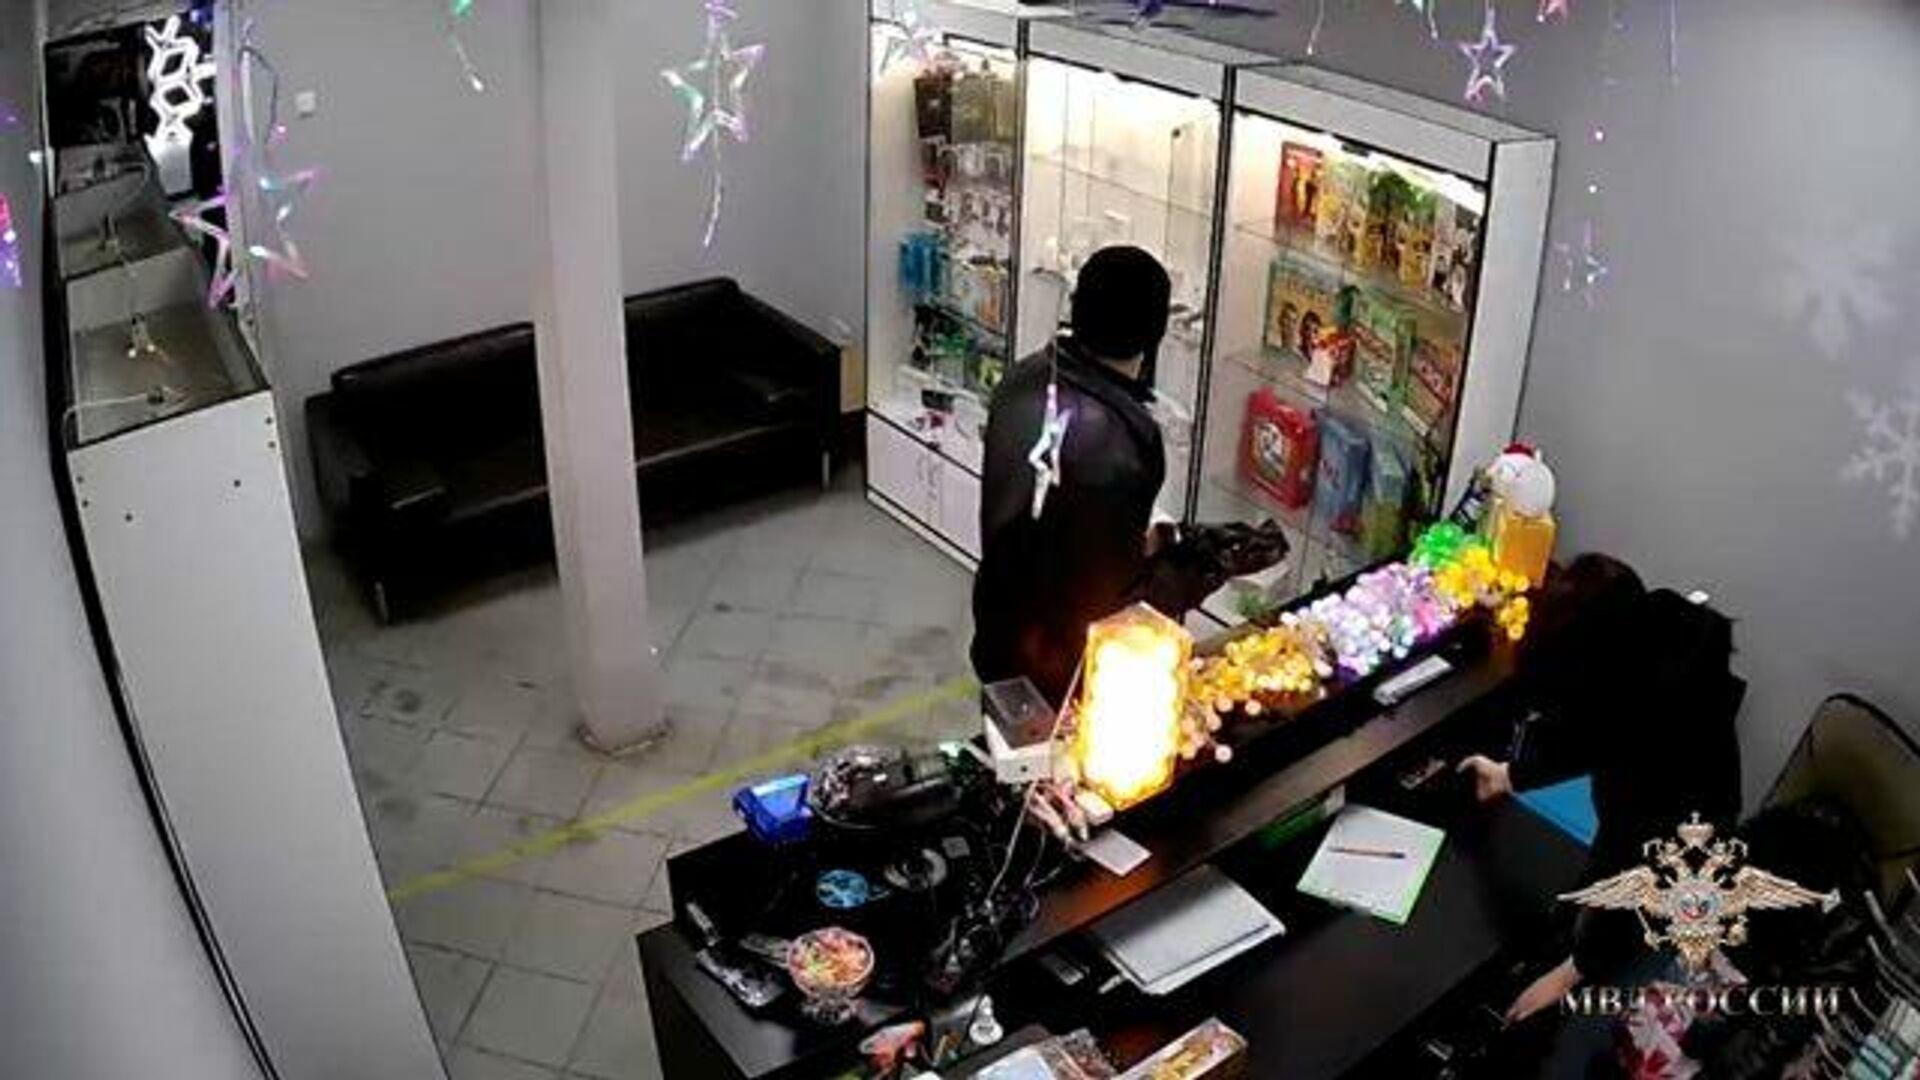 Преступник замаскировал вешалку под оружие и ограбил салон связи - РИА Новости, 1920, 18.02.2021